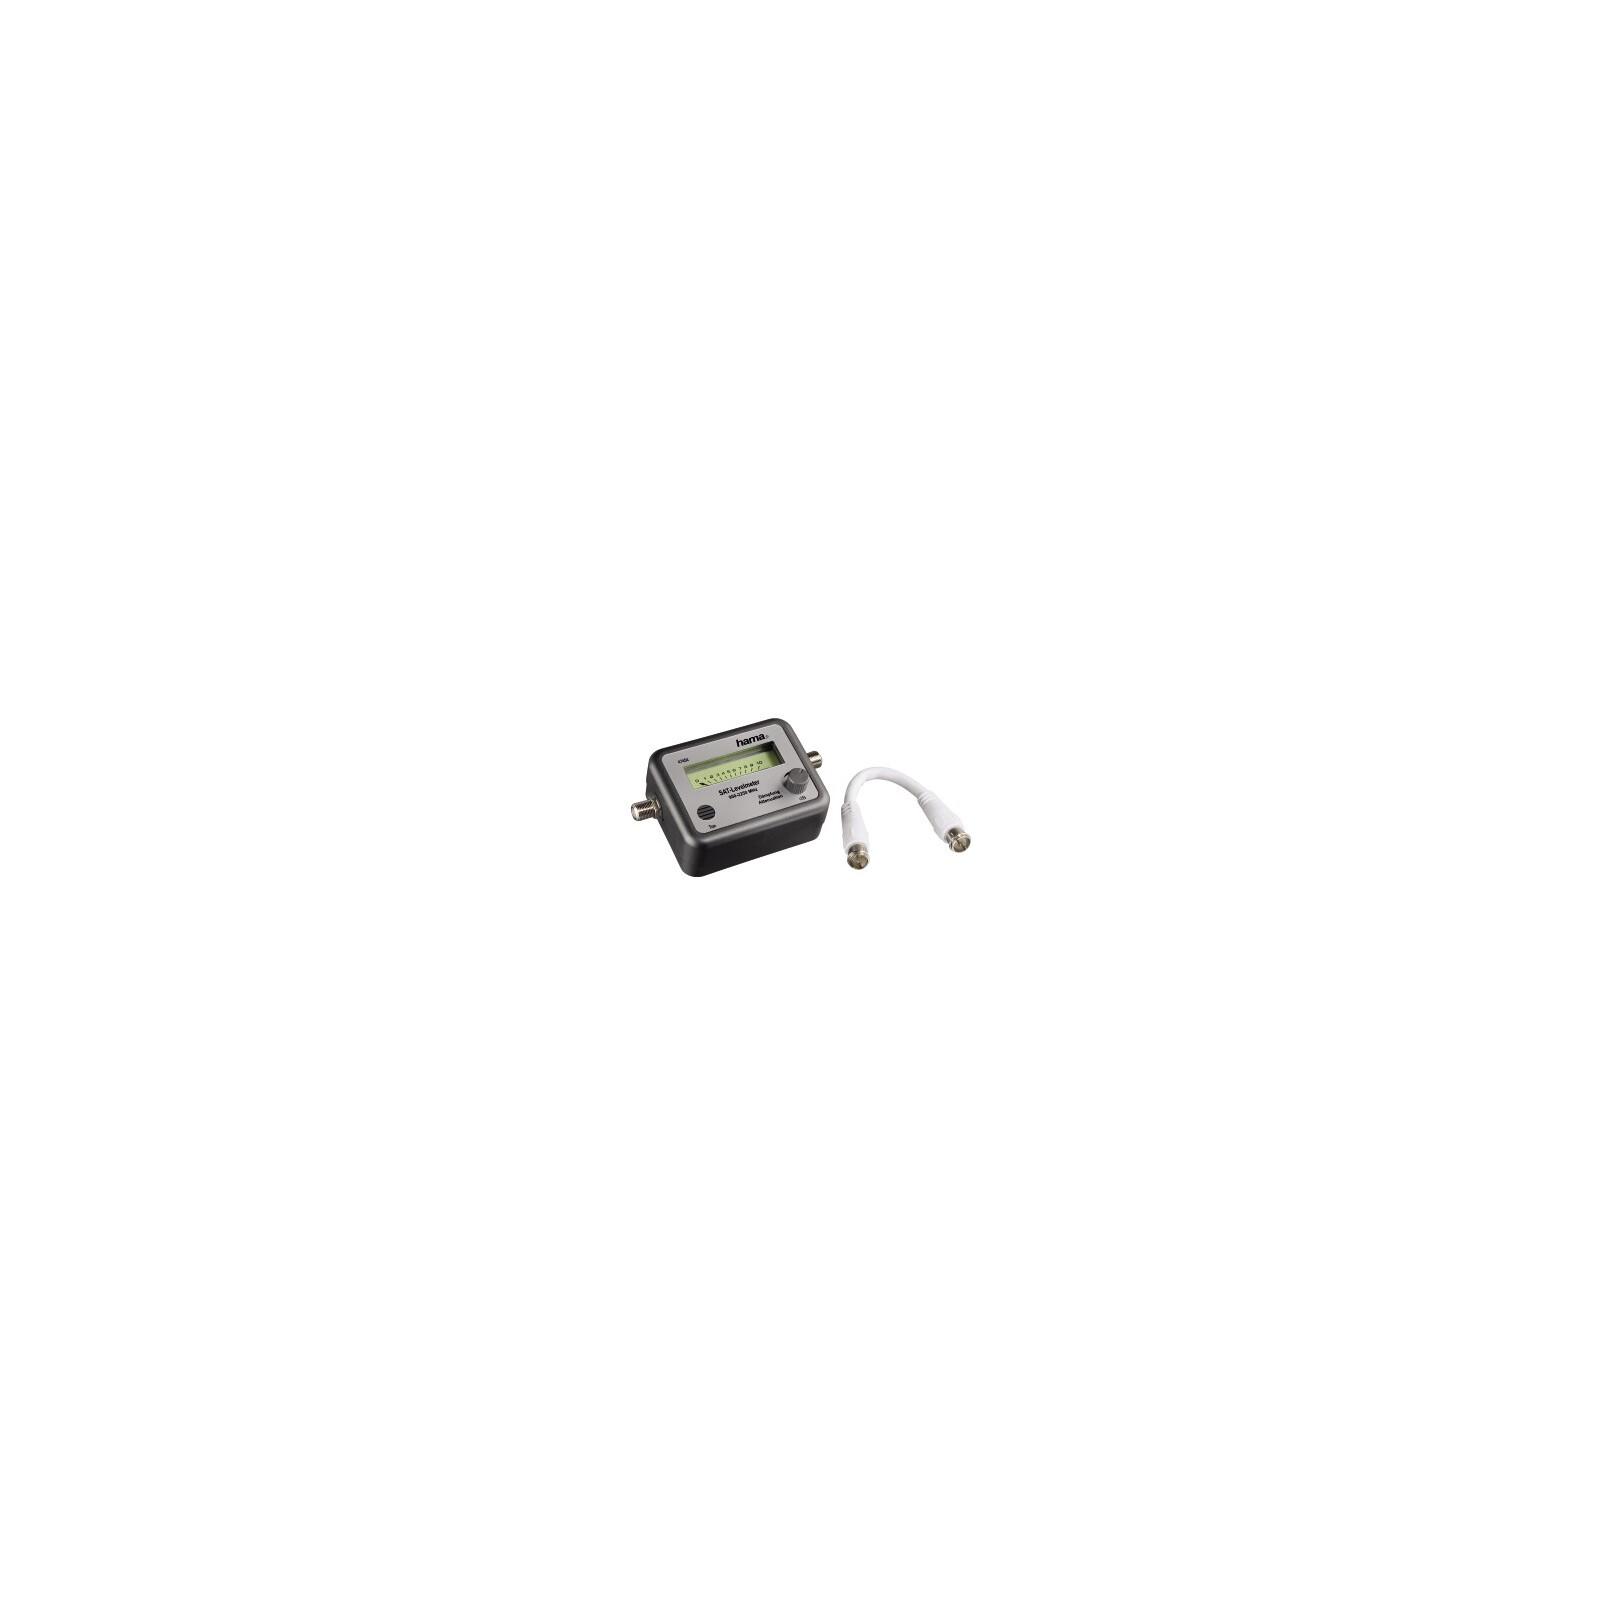 Hama 47454 SAT-Finder mit analoger Anzeige